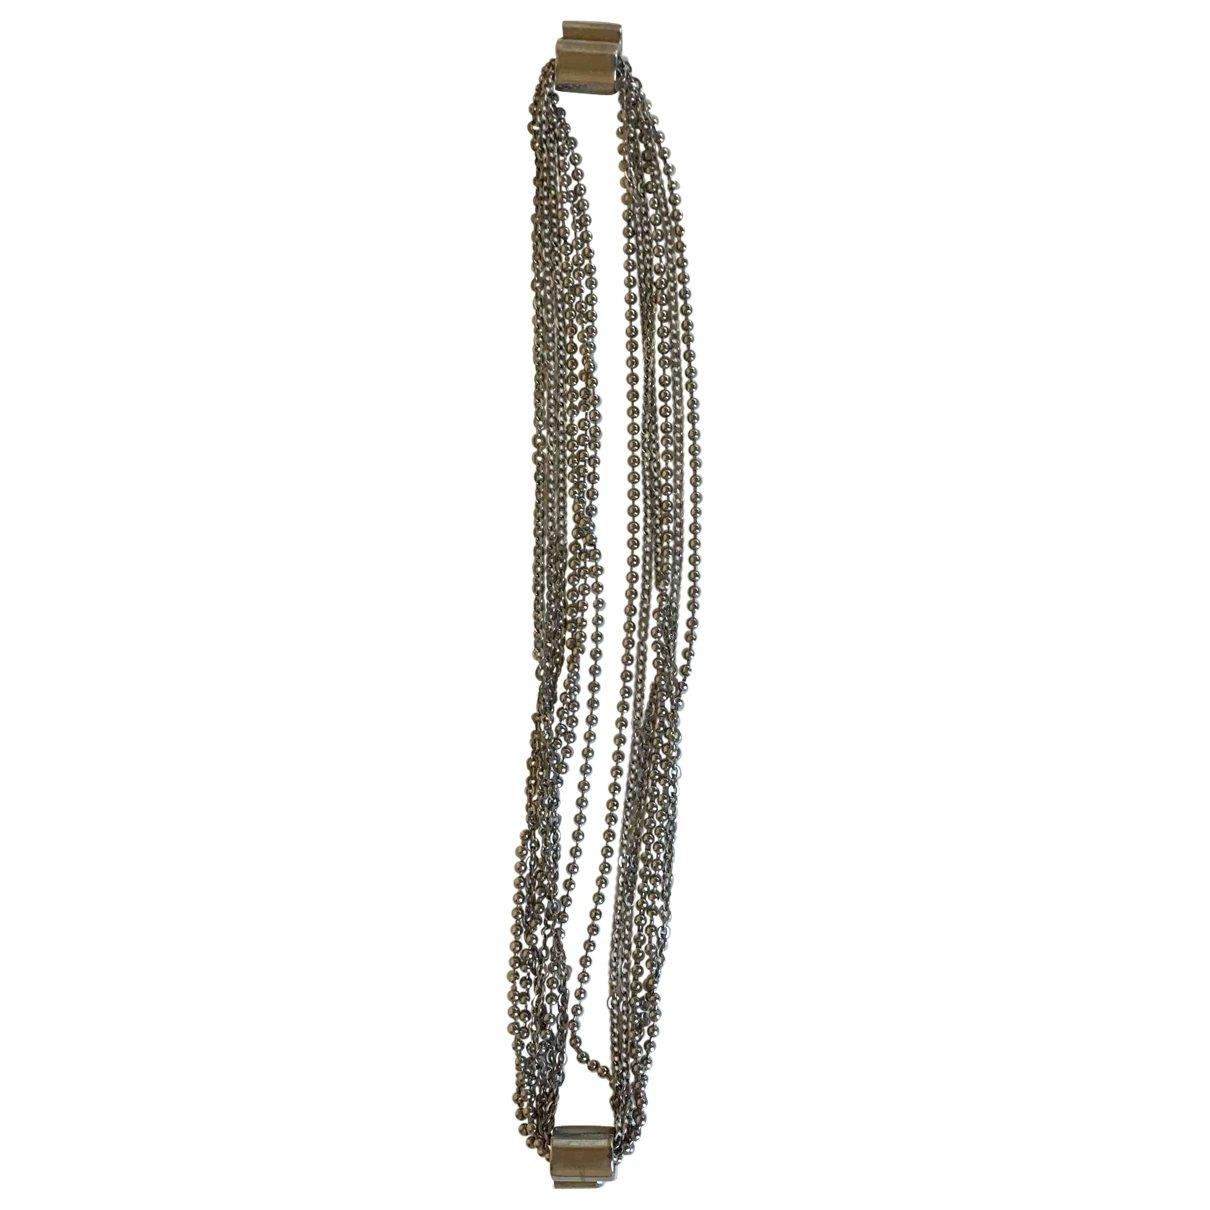 Swatch - Bracelet   pour femme en plaque argent - argente